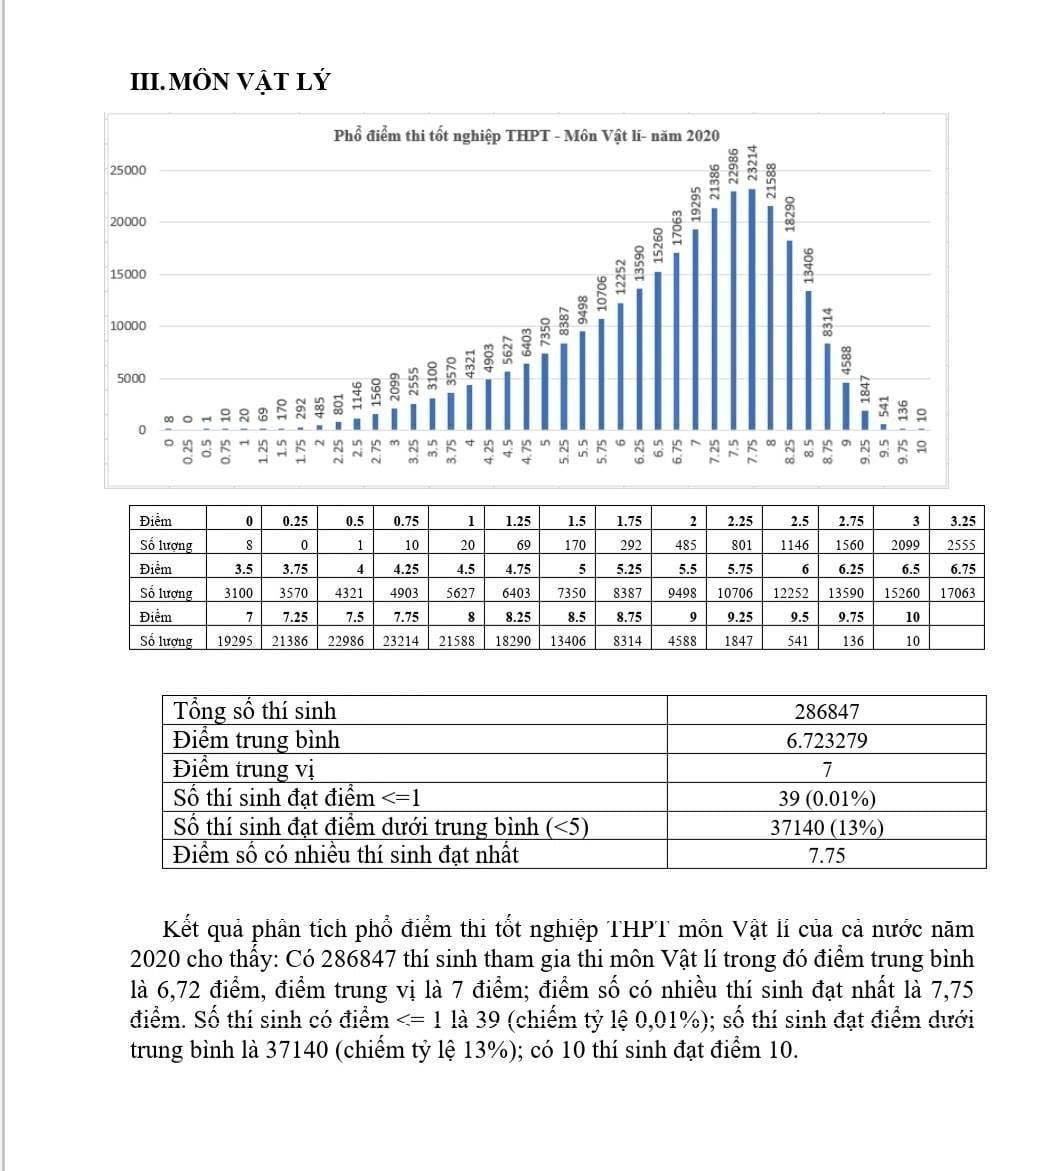 Điểm môn Vật lý thi tốt nghiệp THPT 2020: Trung bình 6,72 điểm